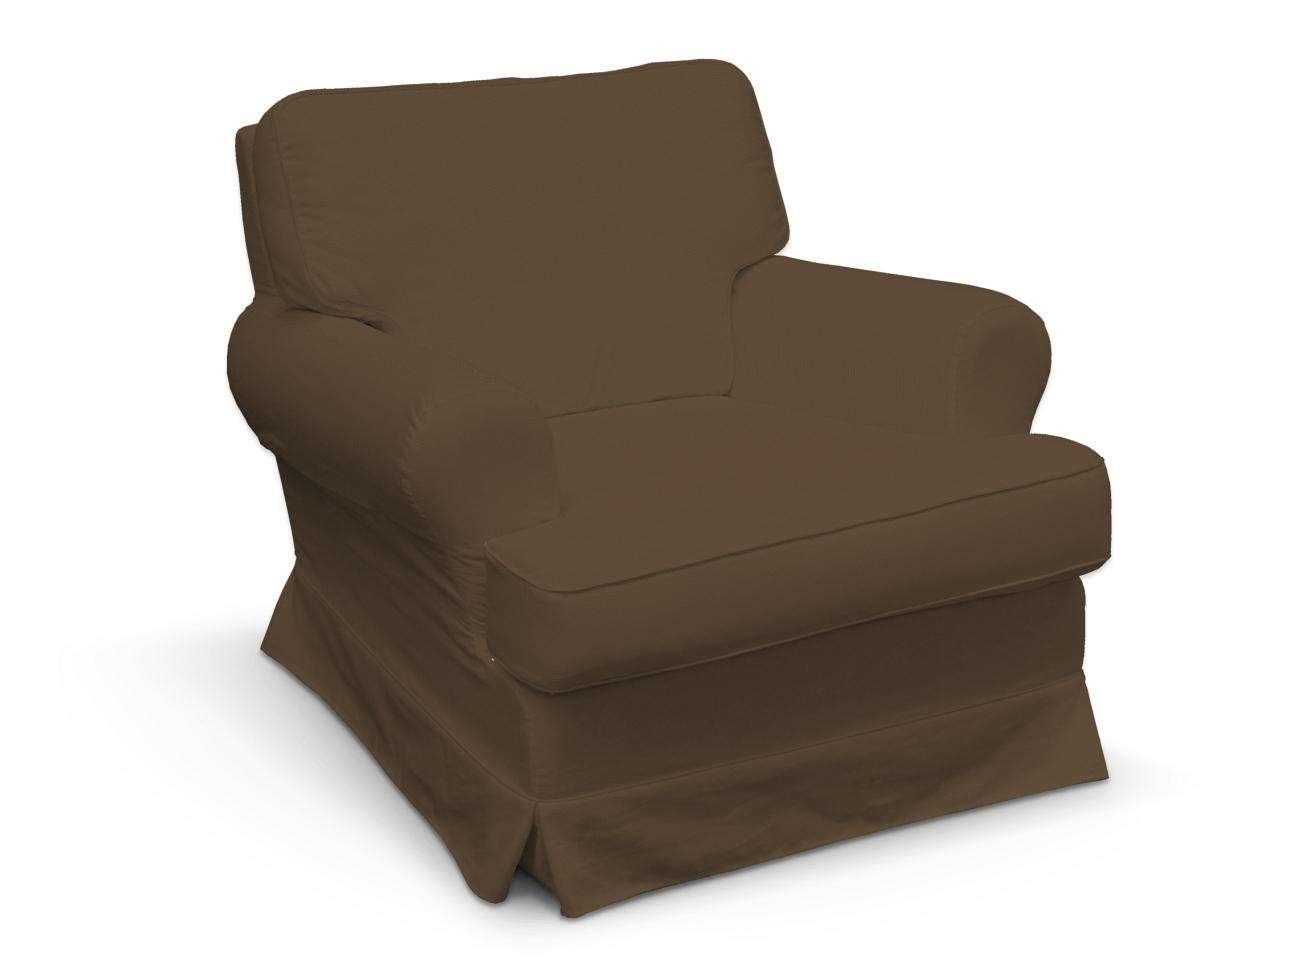 Pokrowiec na fotel Barkaby fotel Barkaby w kolekcji Cotton Panama, tkanina: 702-02